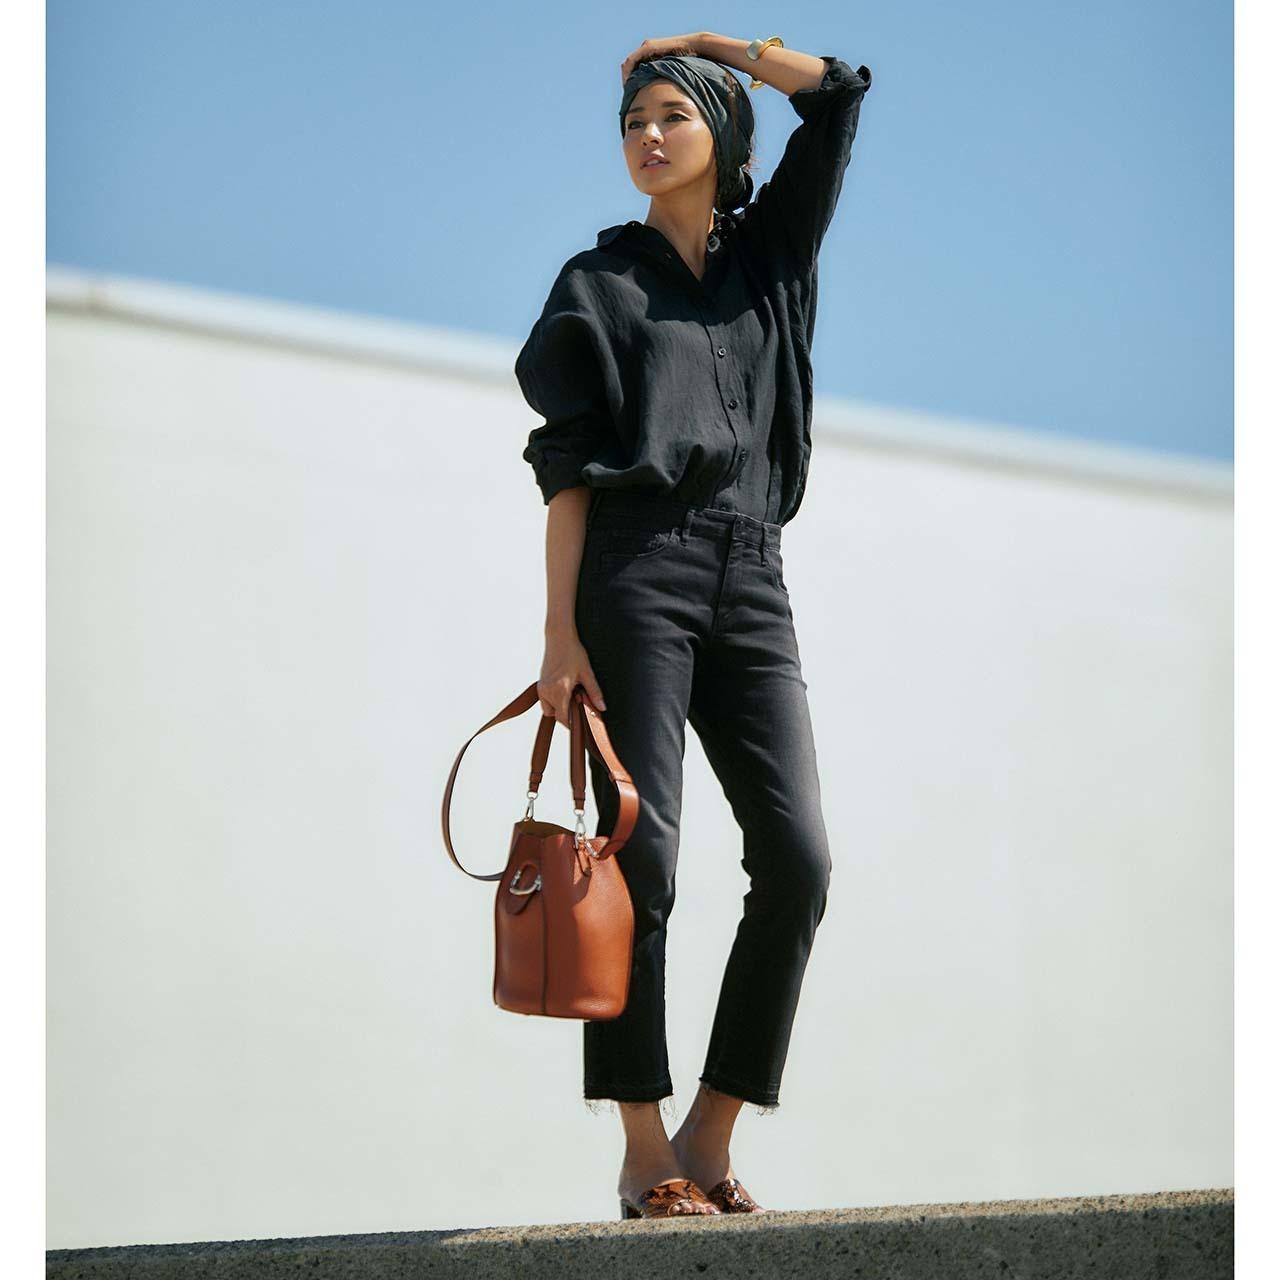 涼しげな清潔感と、凛とした美しさと。40代に似合う黒コーデ見本帖《2019年夏編》_1_4